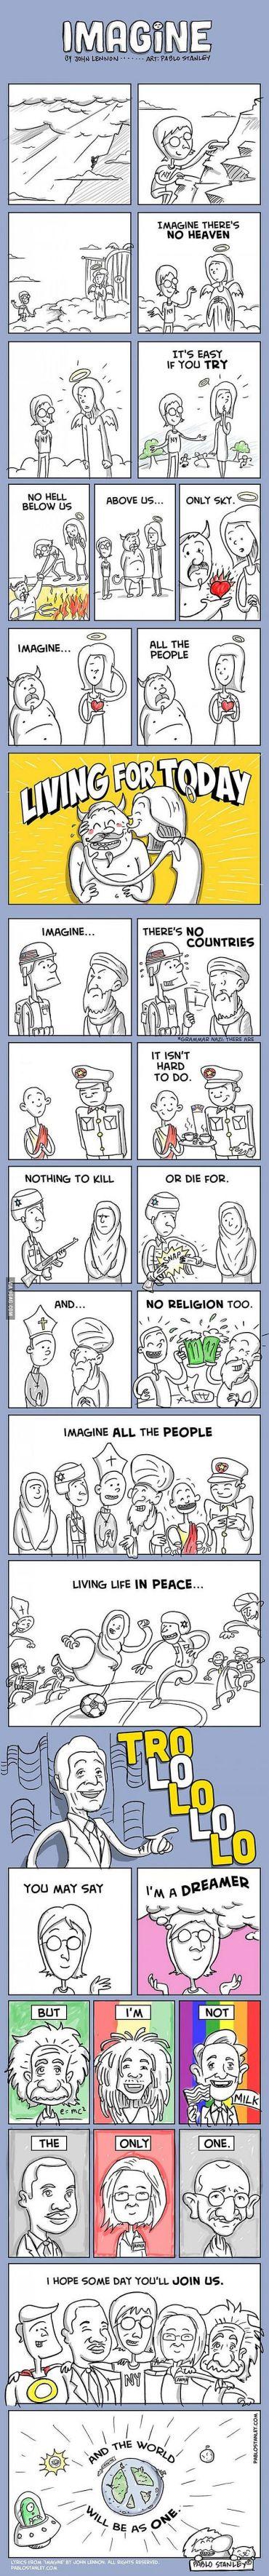 Imagine Cartoon Strip By Pablo Stanley